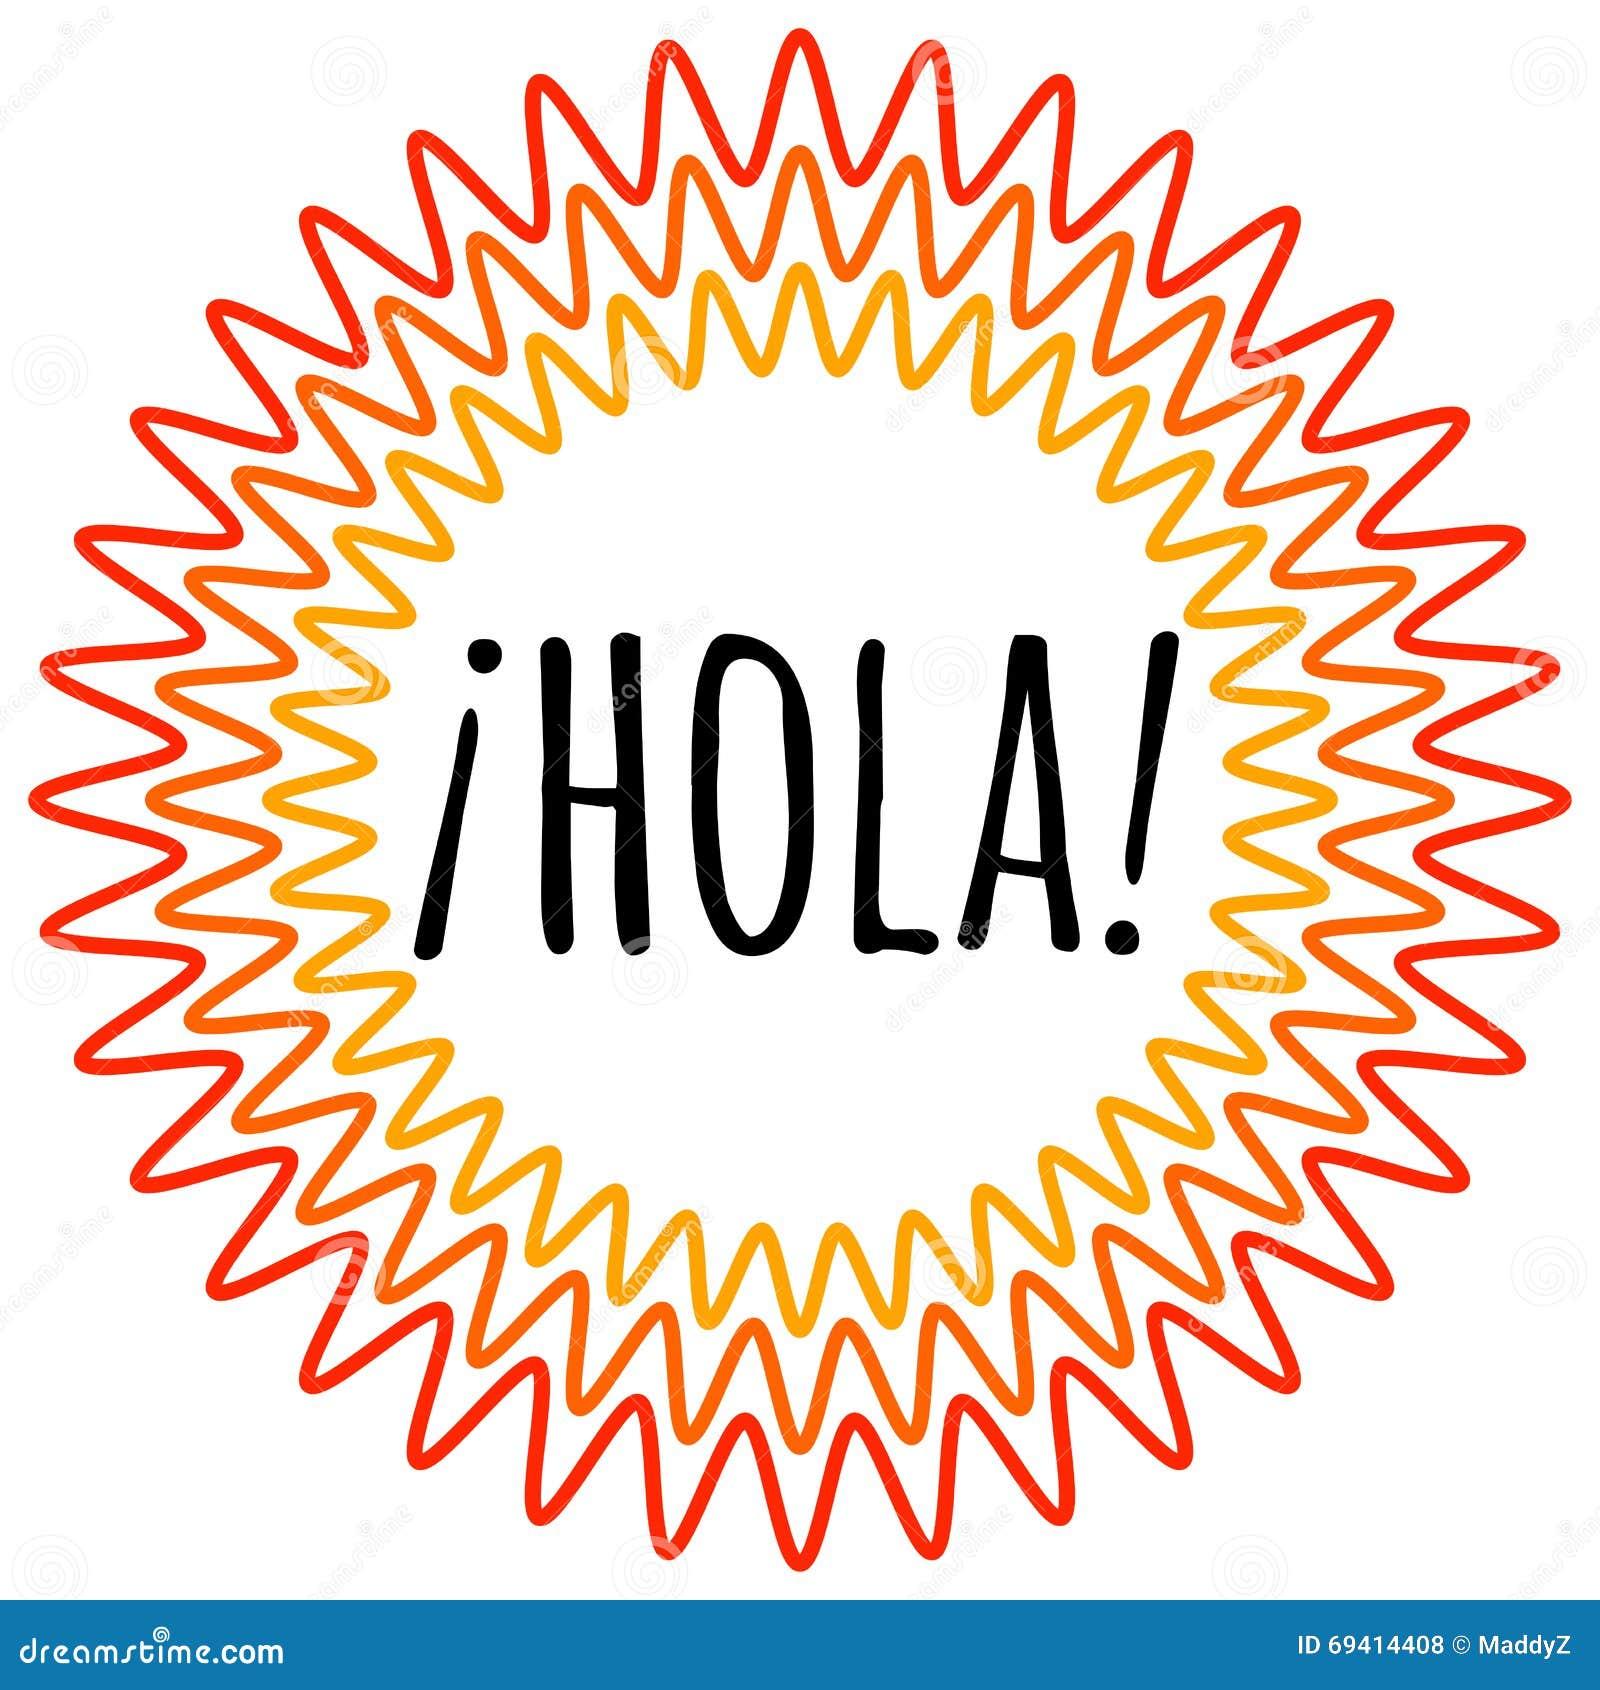 Traduction de se rencontrer en espagnol